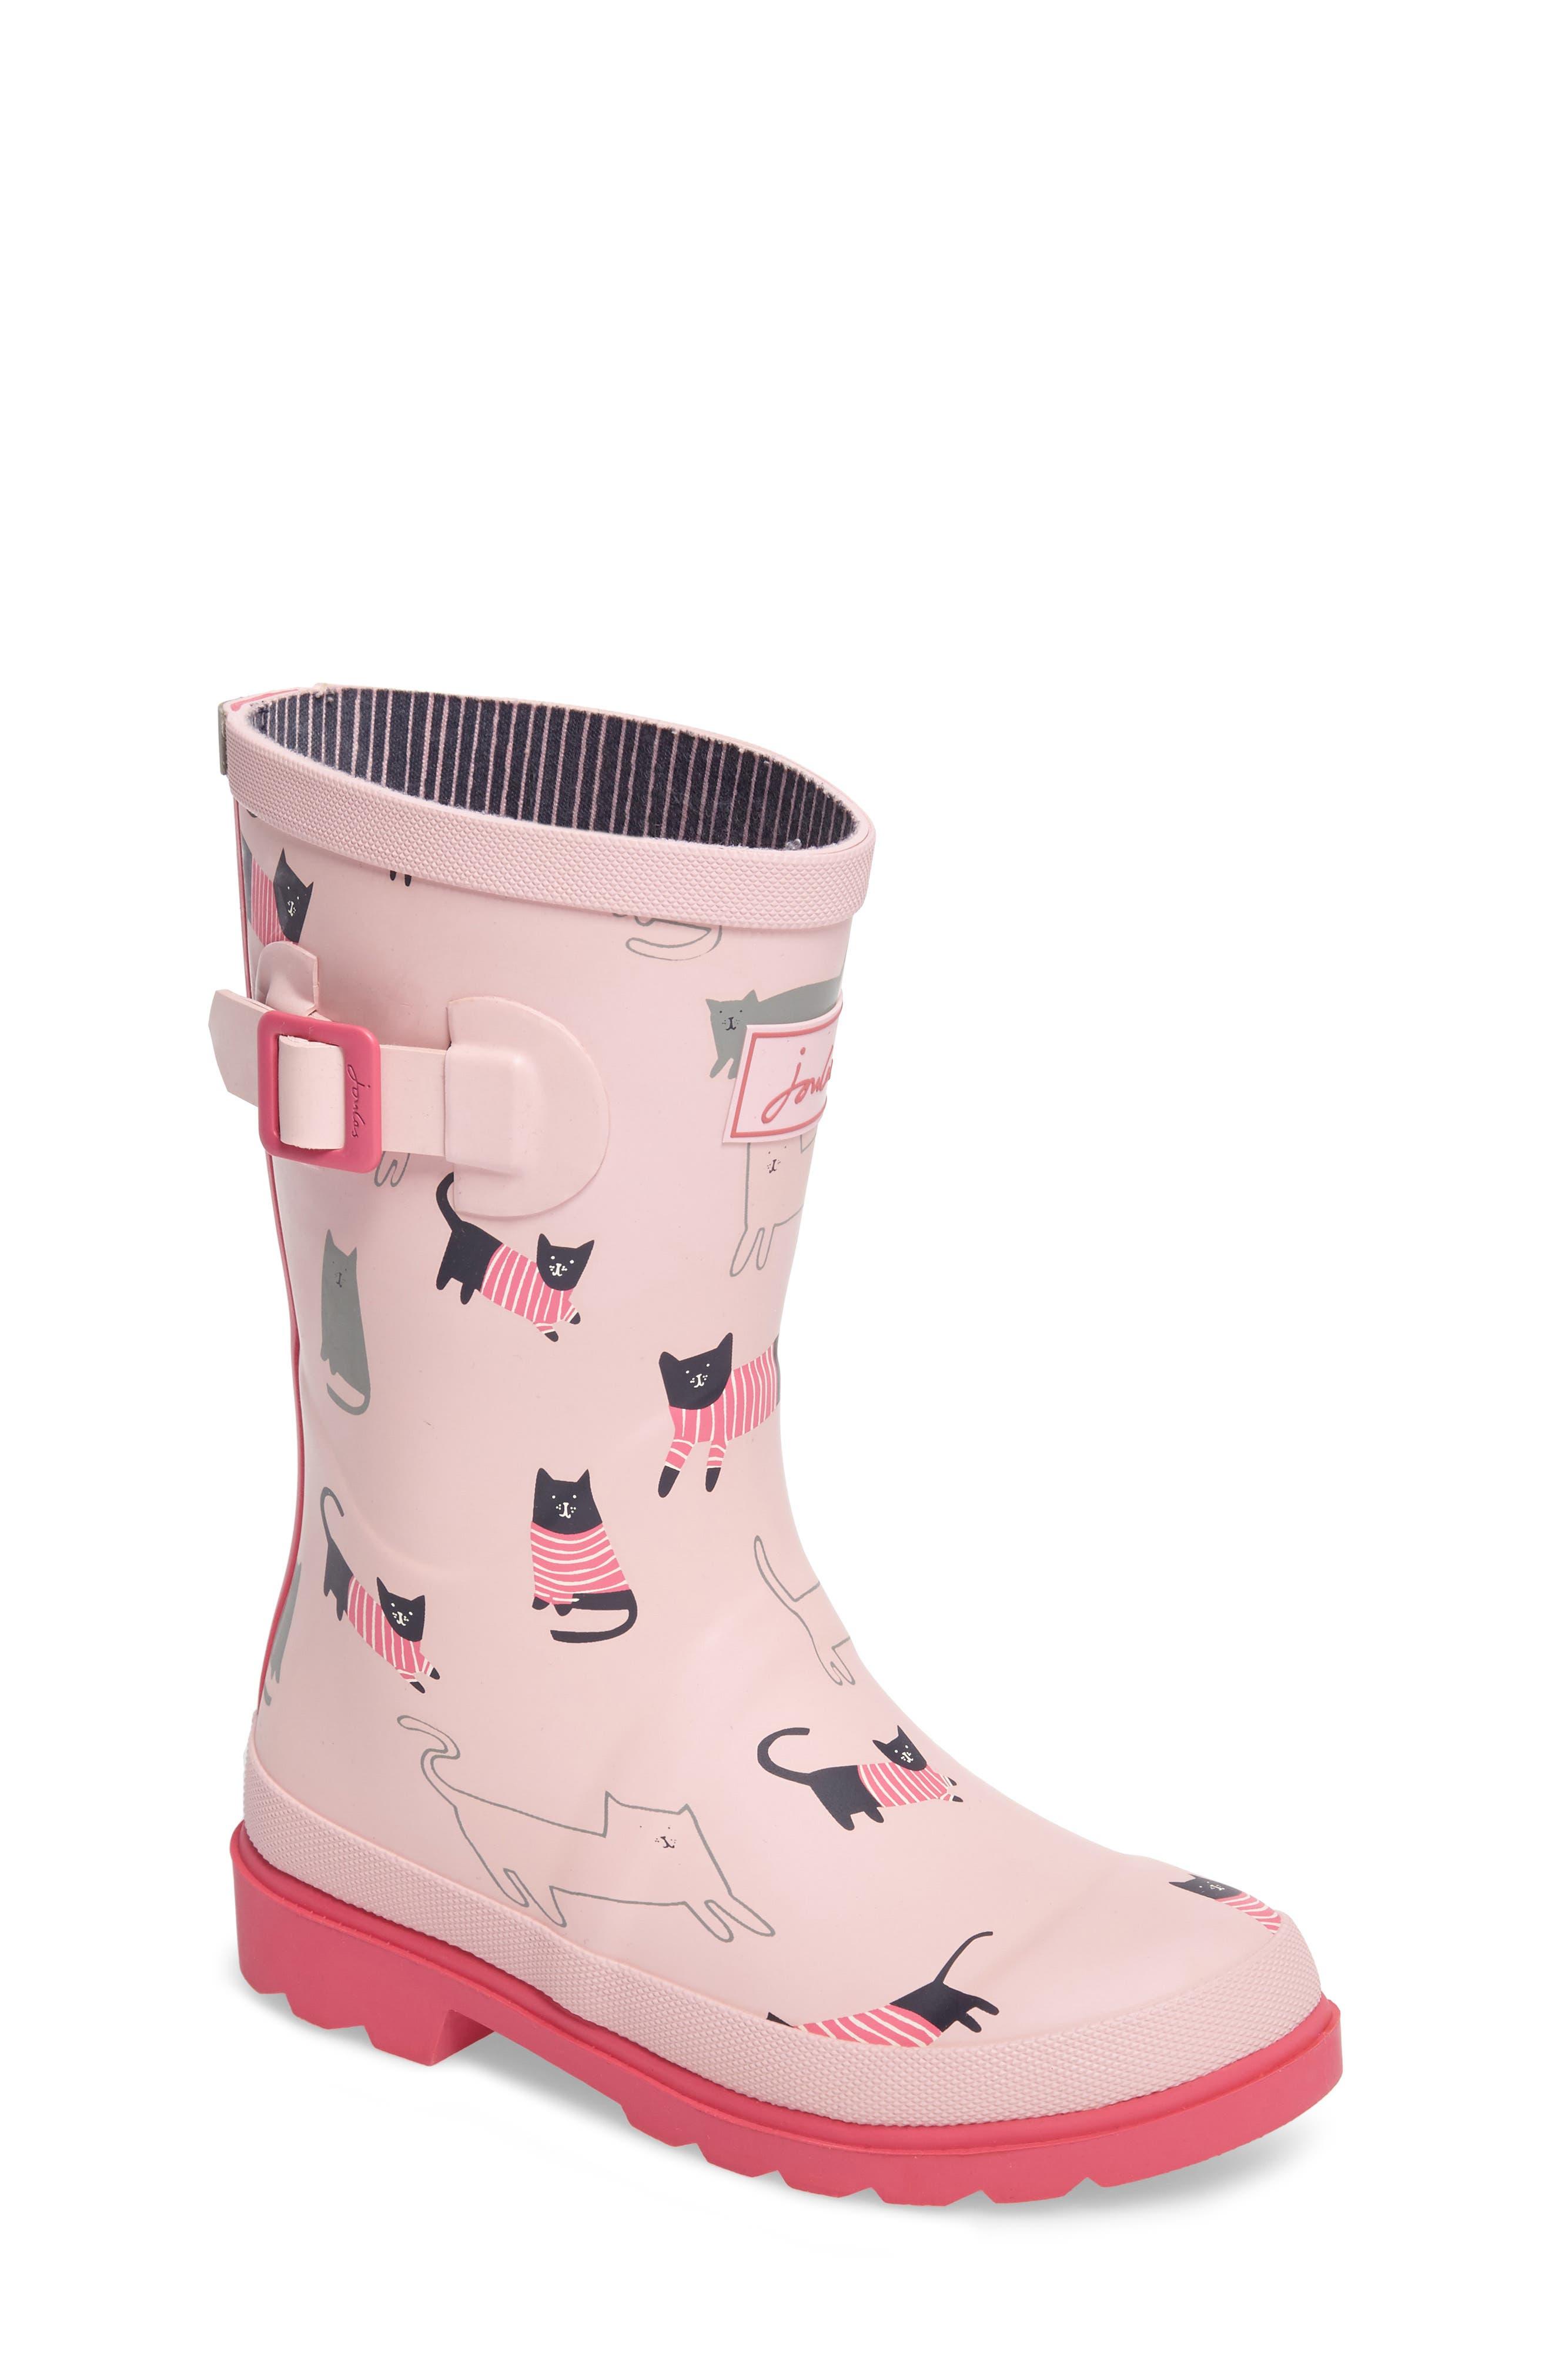 Joules Welly Printed Waterproof Rain Boot (Toddler, Little Kid & Big Kid)